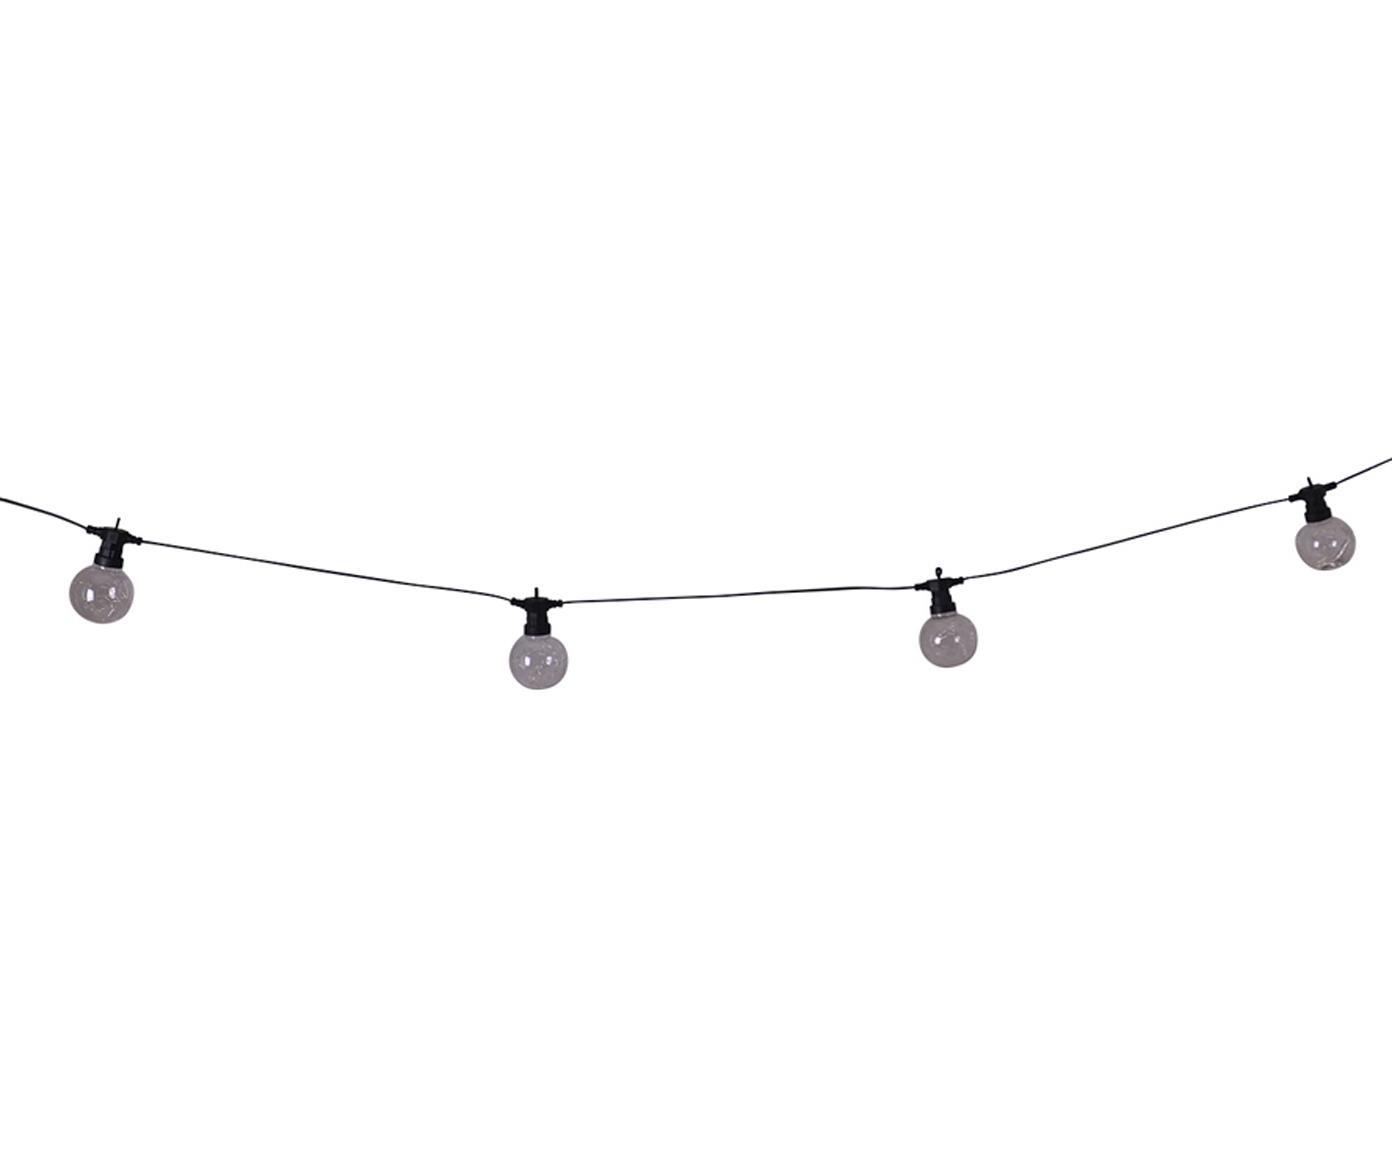 Girlanda świetlna LED Crackle Chain, 750 cm, Tworzywo sztuczne, Transparentny, D 750 cm